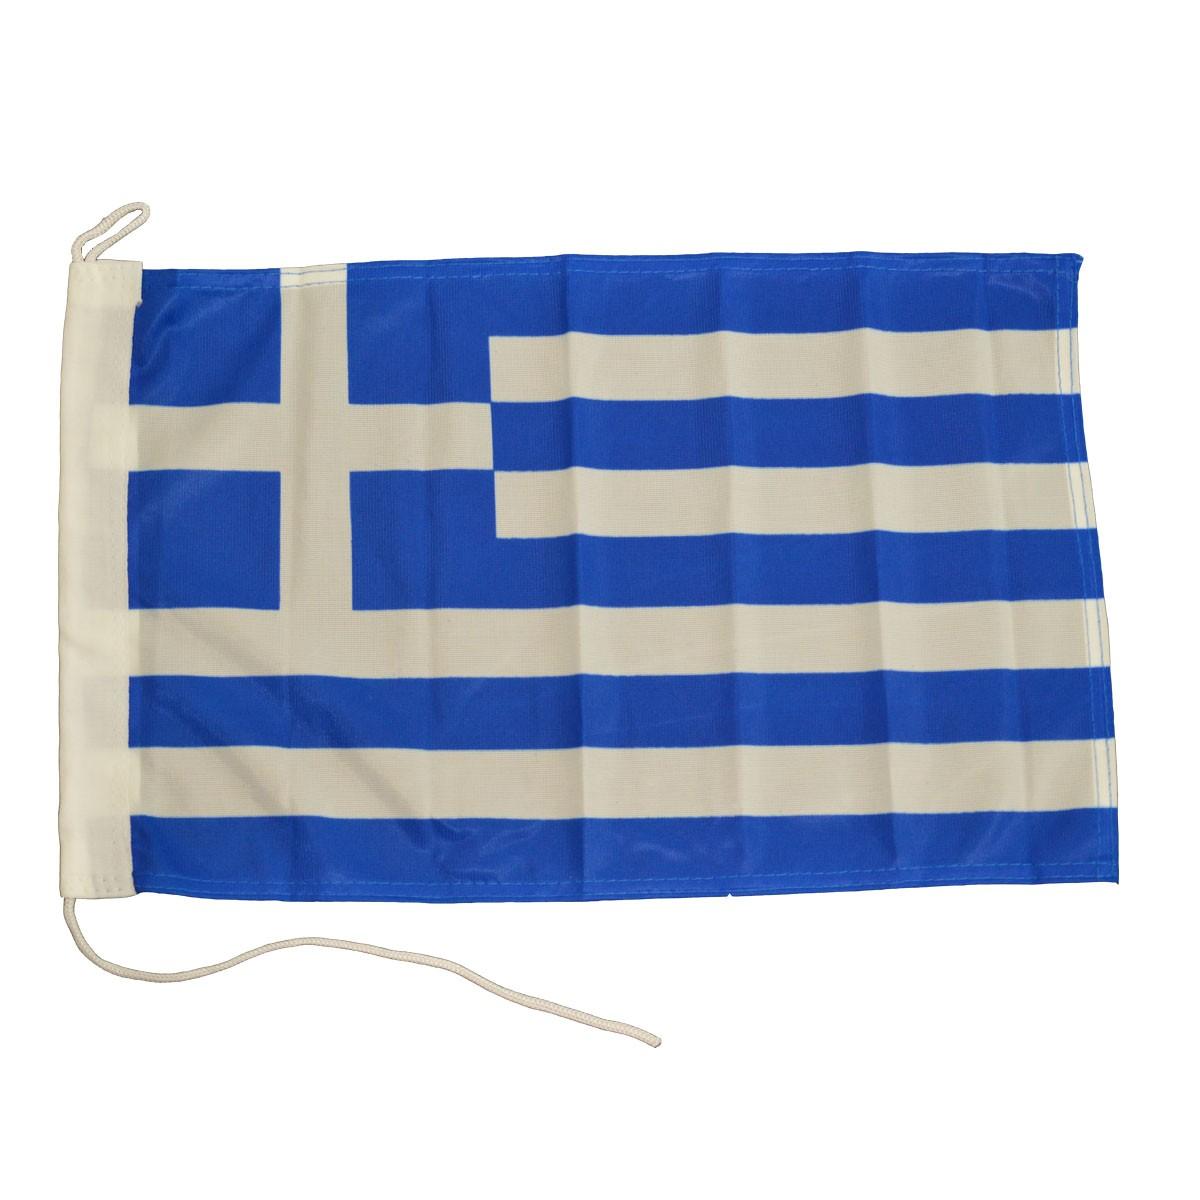 6.65 - Ελληνική Ορθογώνια Σημαία Μήκους 27cm